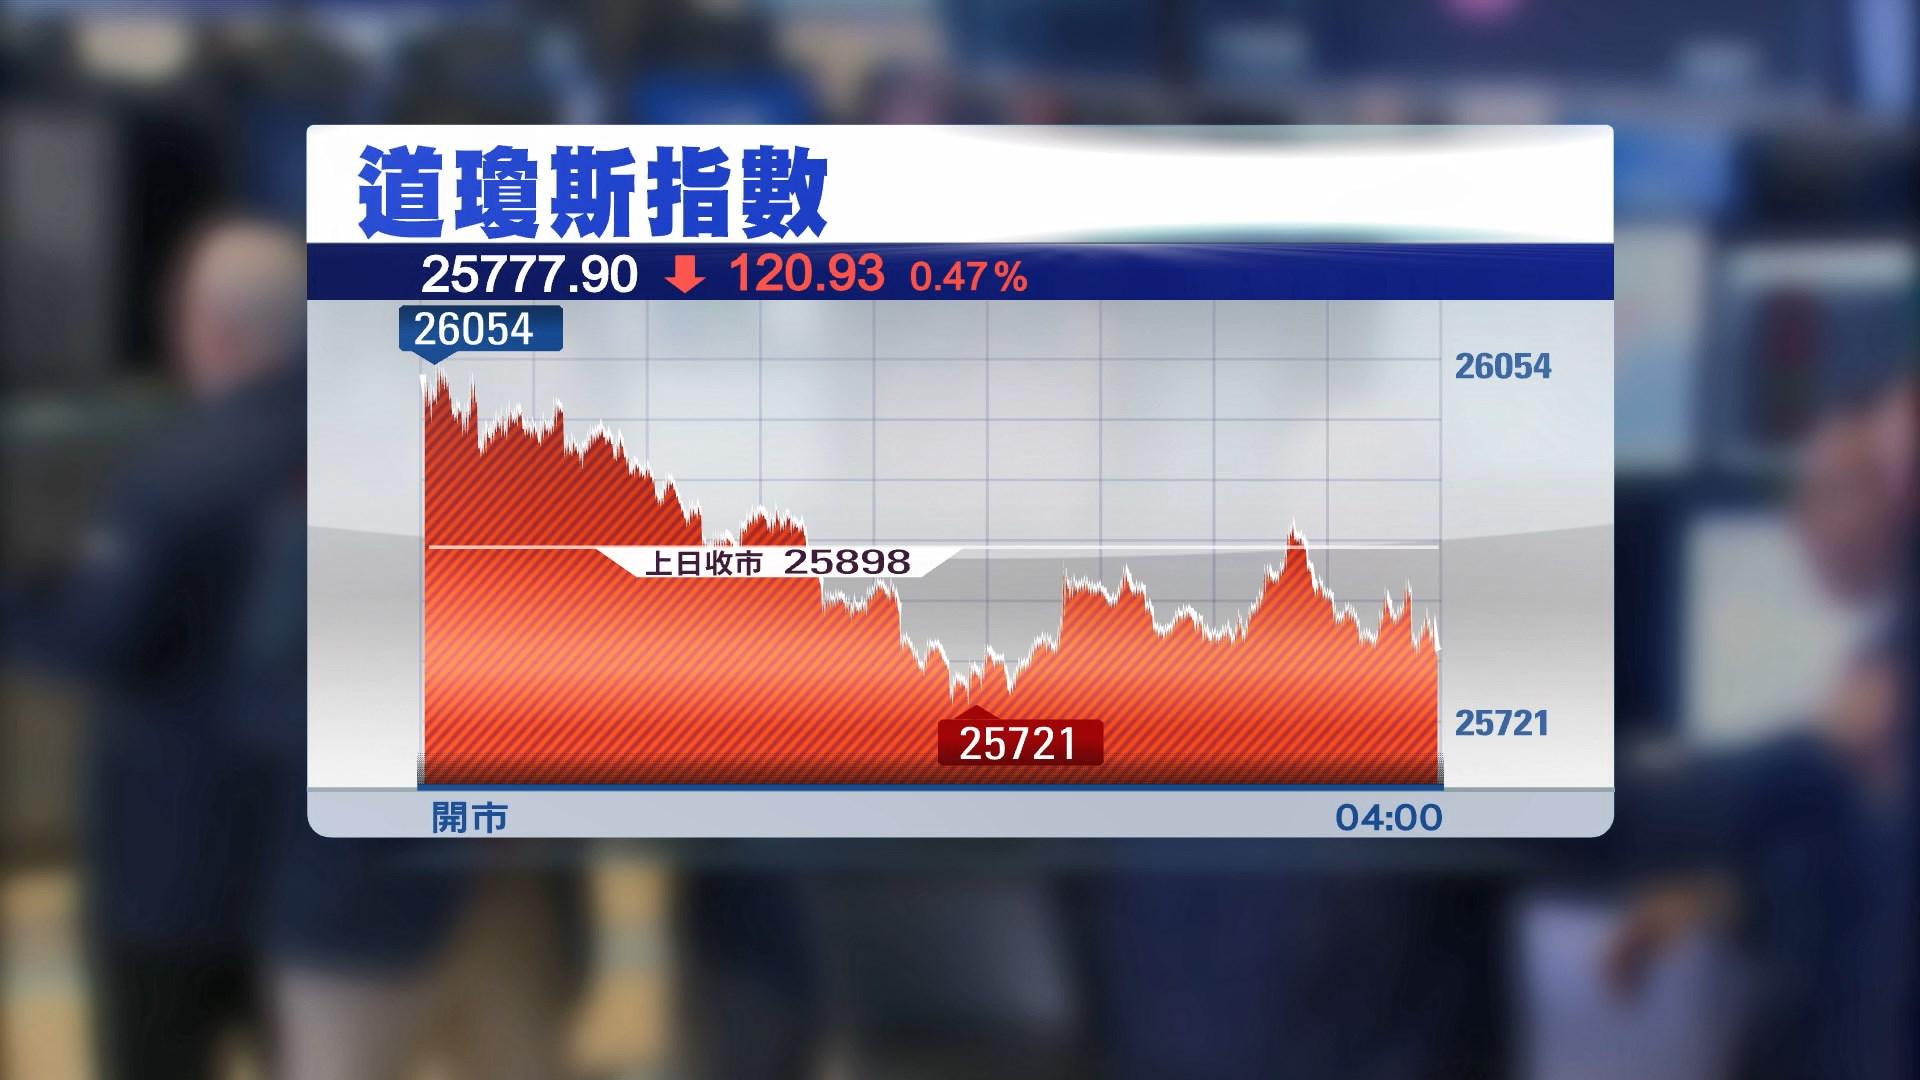 美股反覆下跌 因金融股跌及貿易前景不明朗